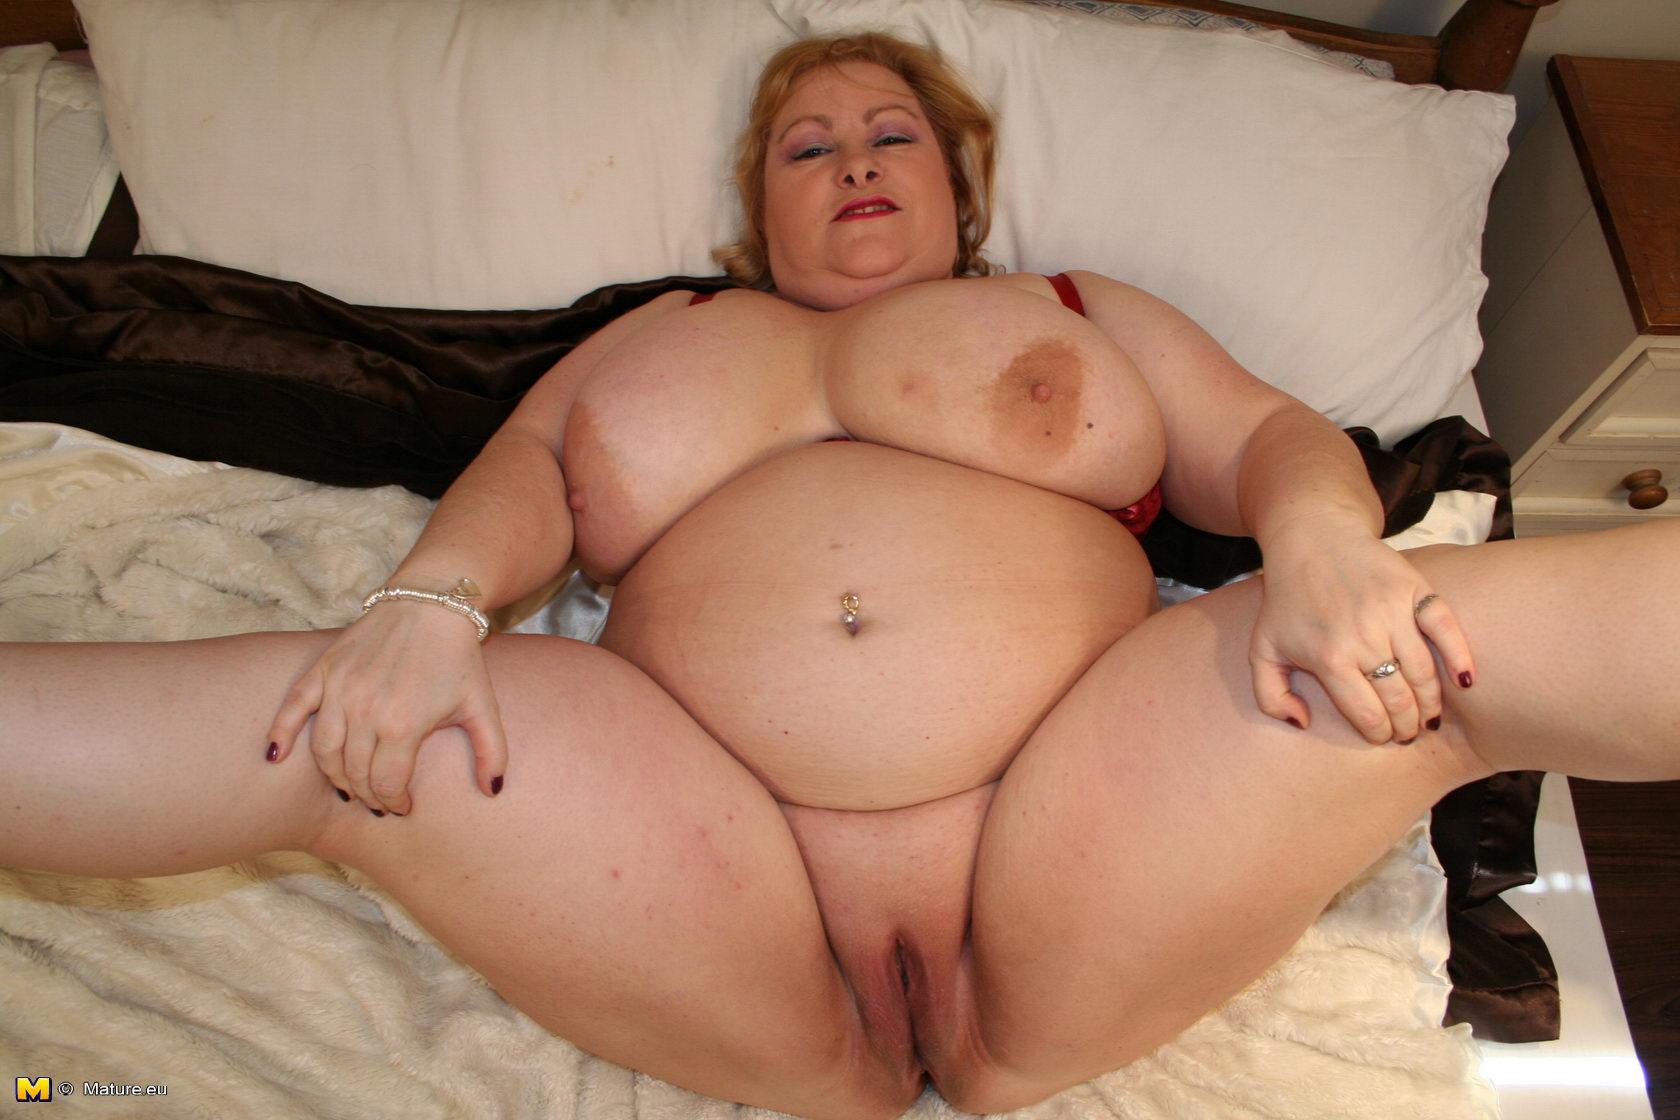 Секс с толстухой смотреть